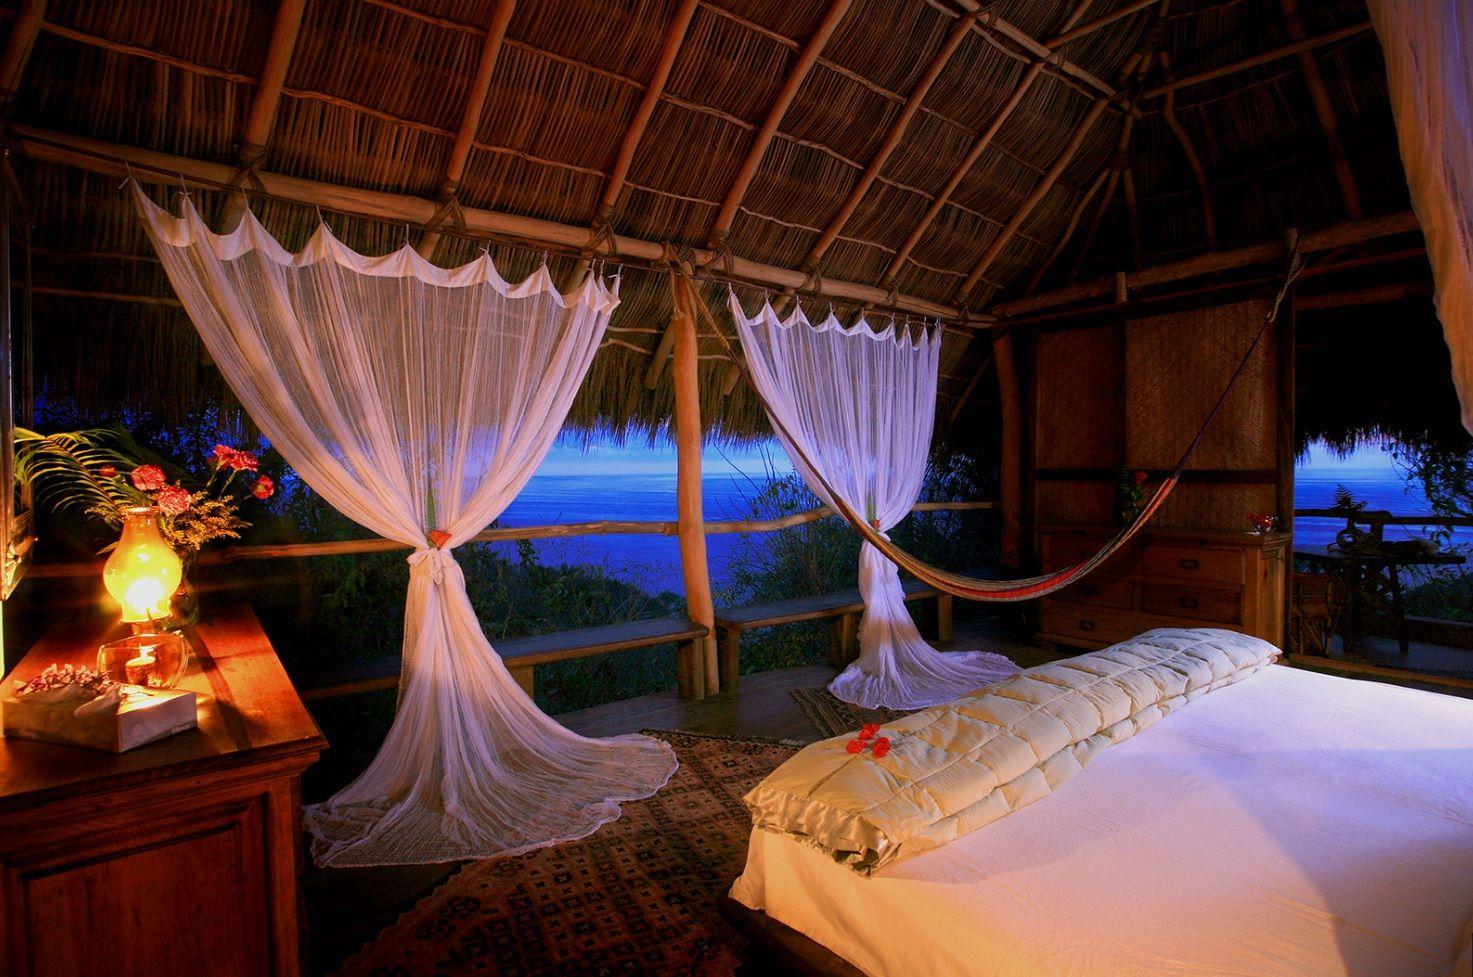 Haramara early morning view from cabana.jpg